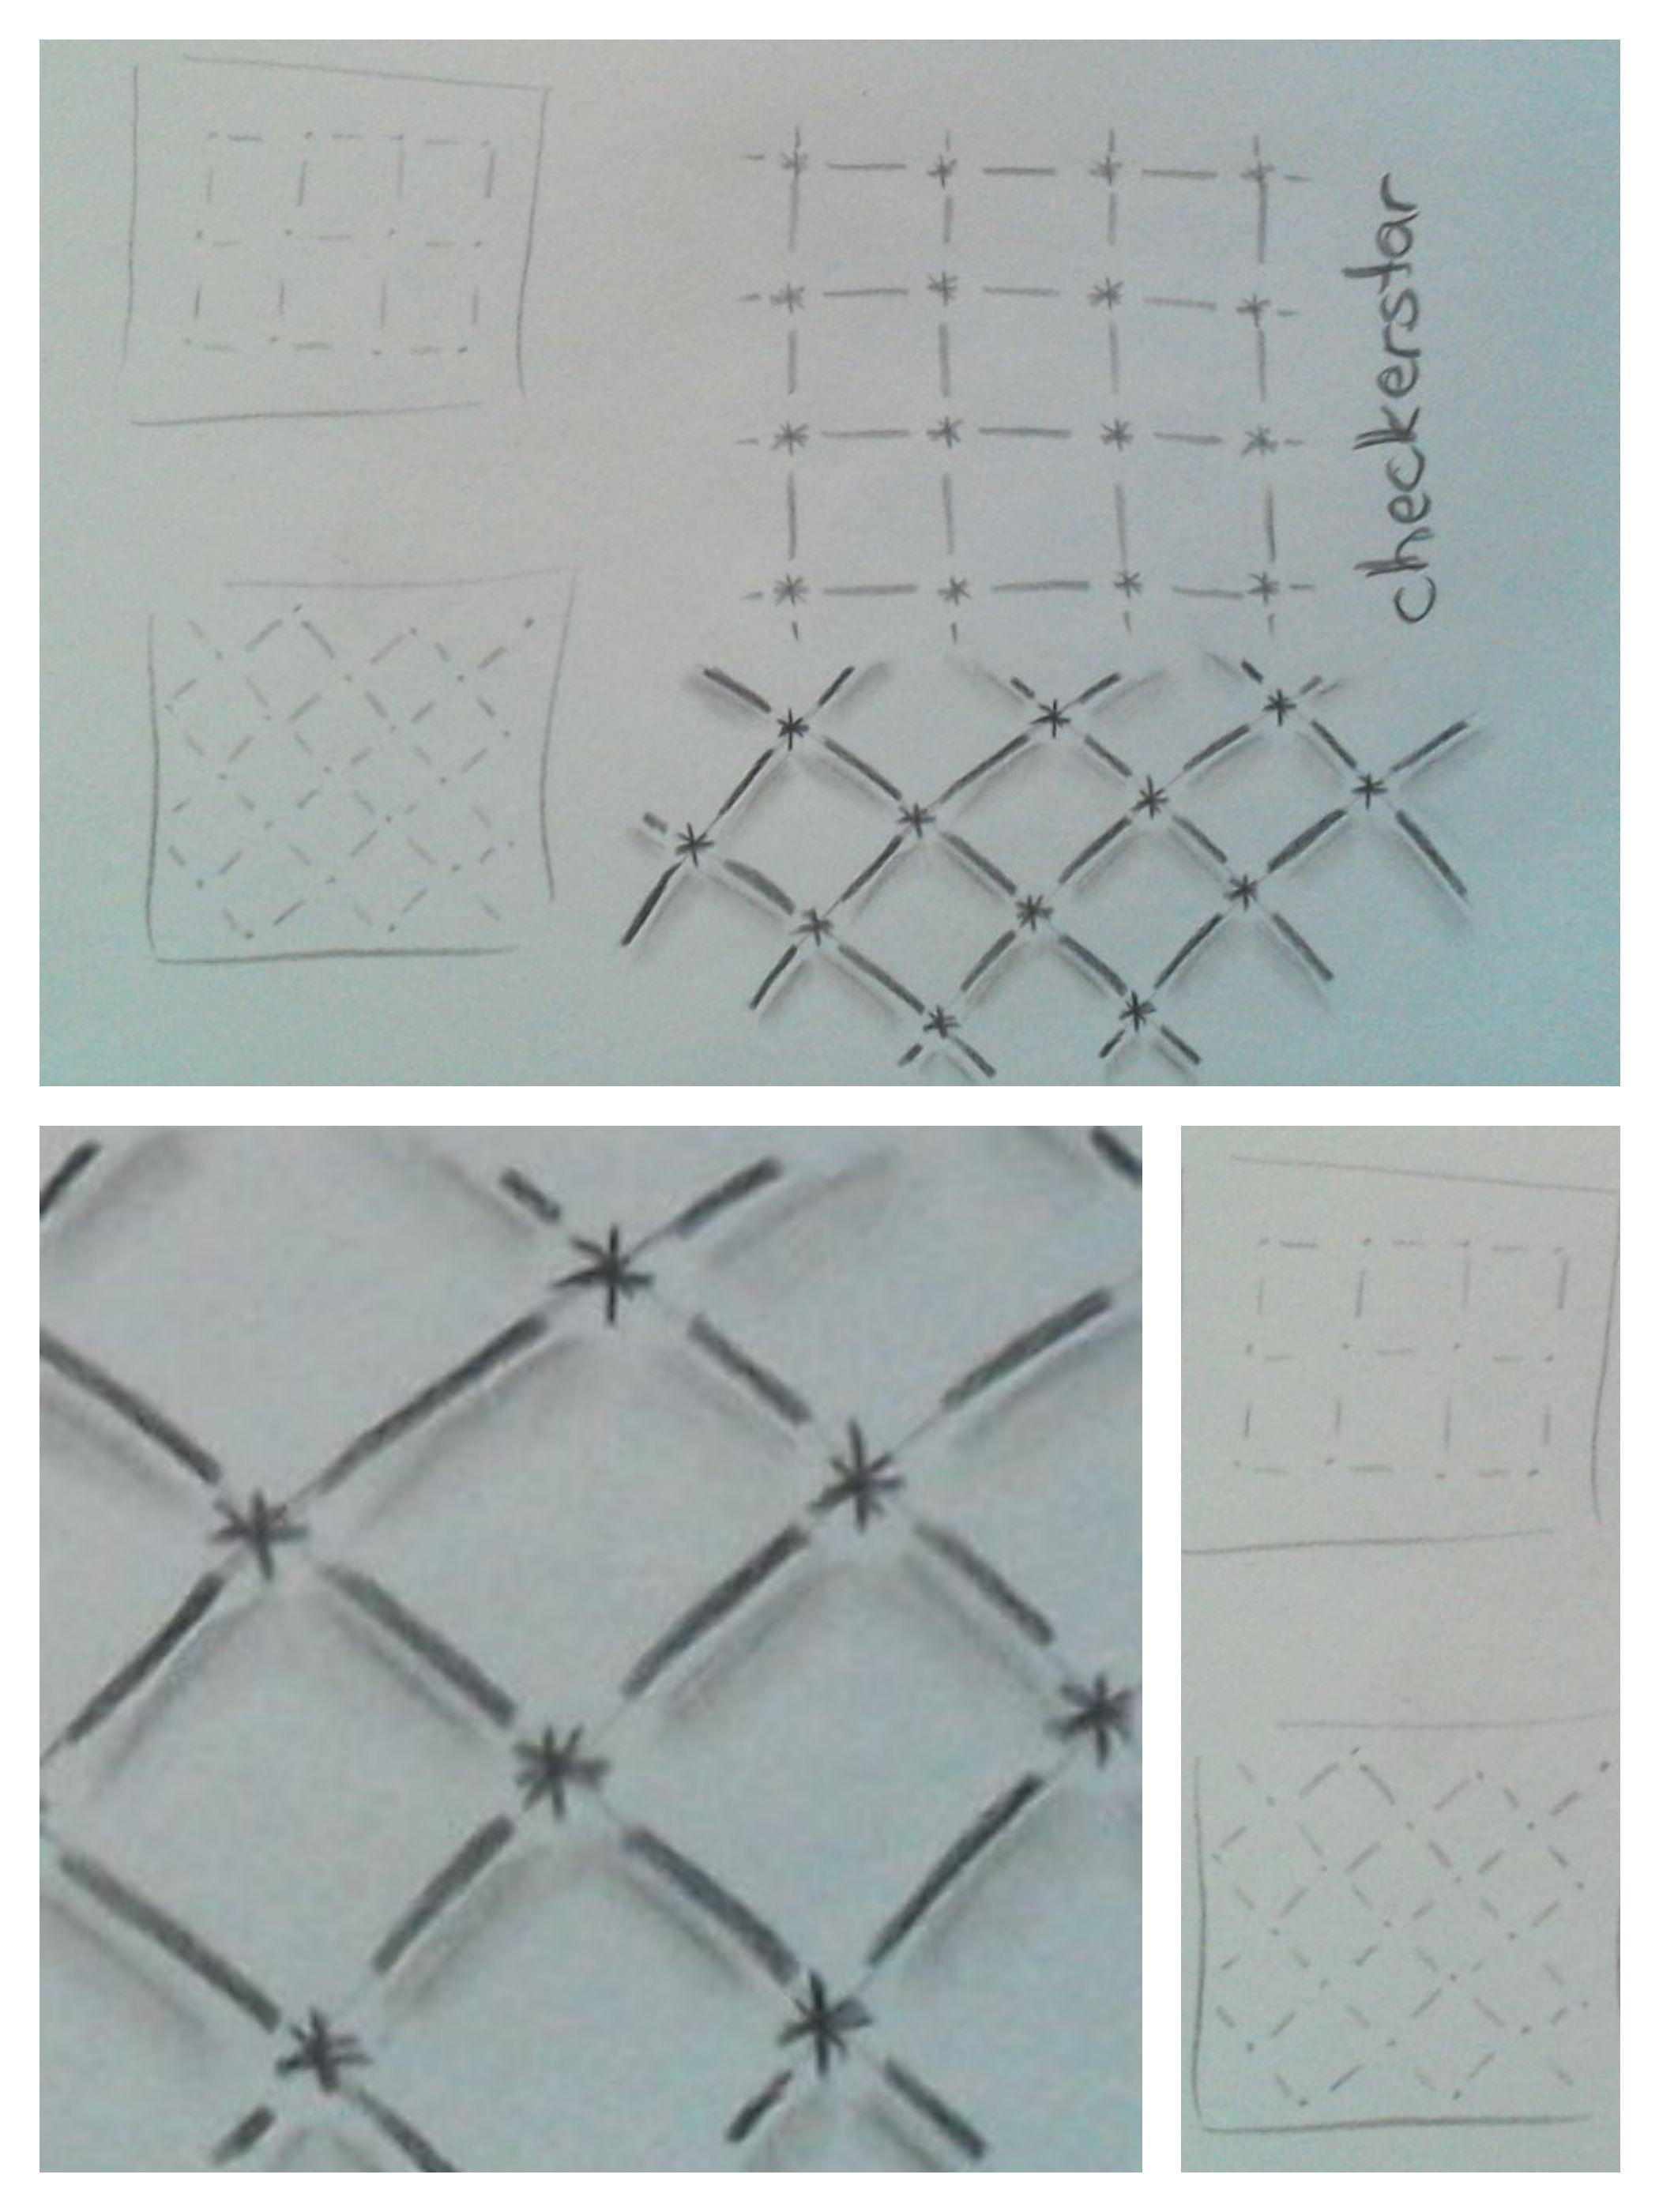 zentangle patterns: checkerstar - gefunden in \